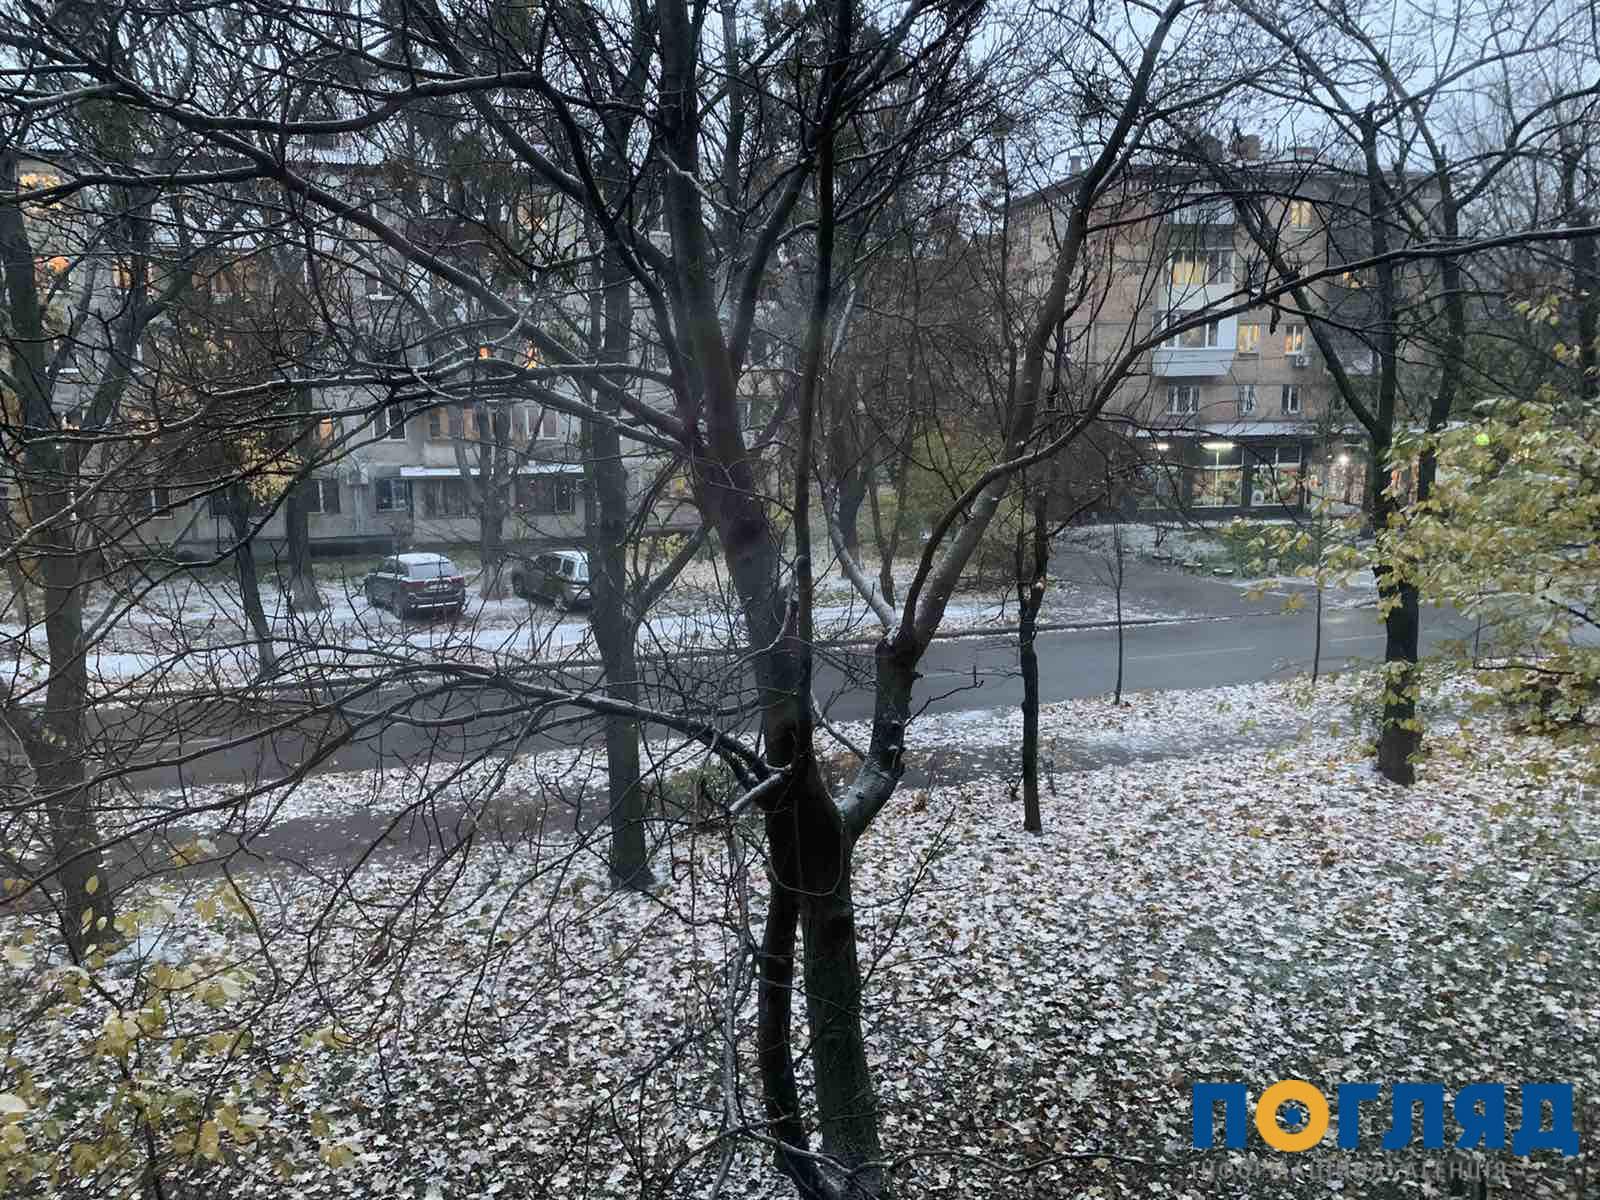 Засніжило: на Київщині випав перший сніг (ФОТО) - сніг, погода, перший сніг - 17 sneg kyev4